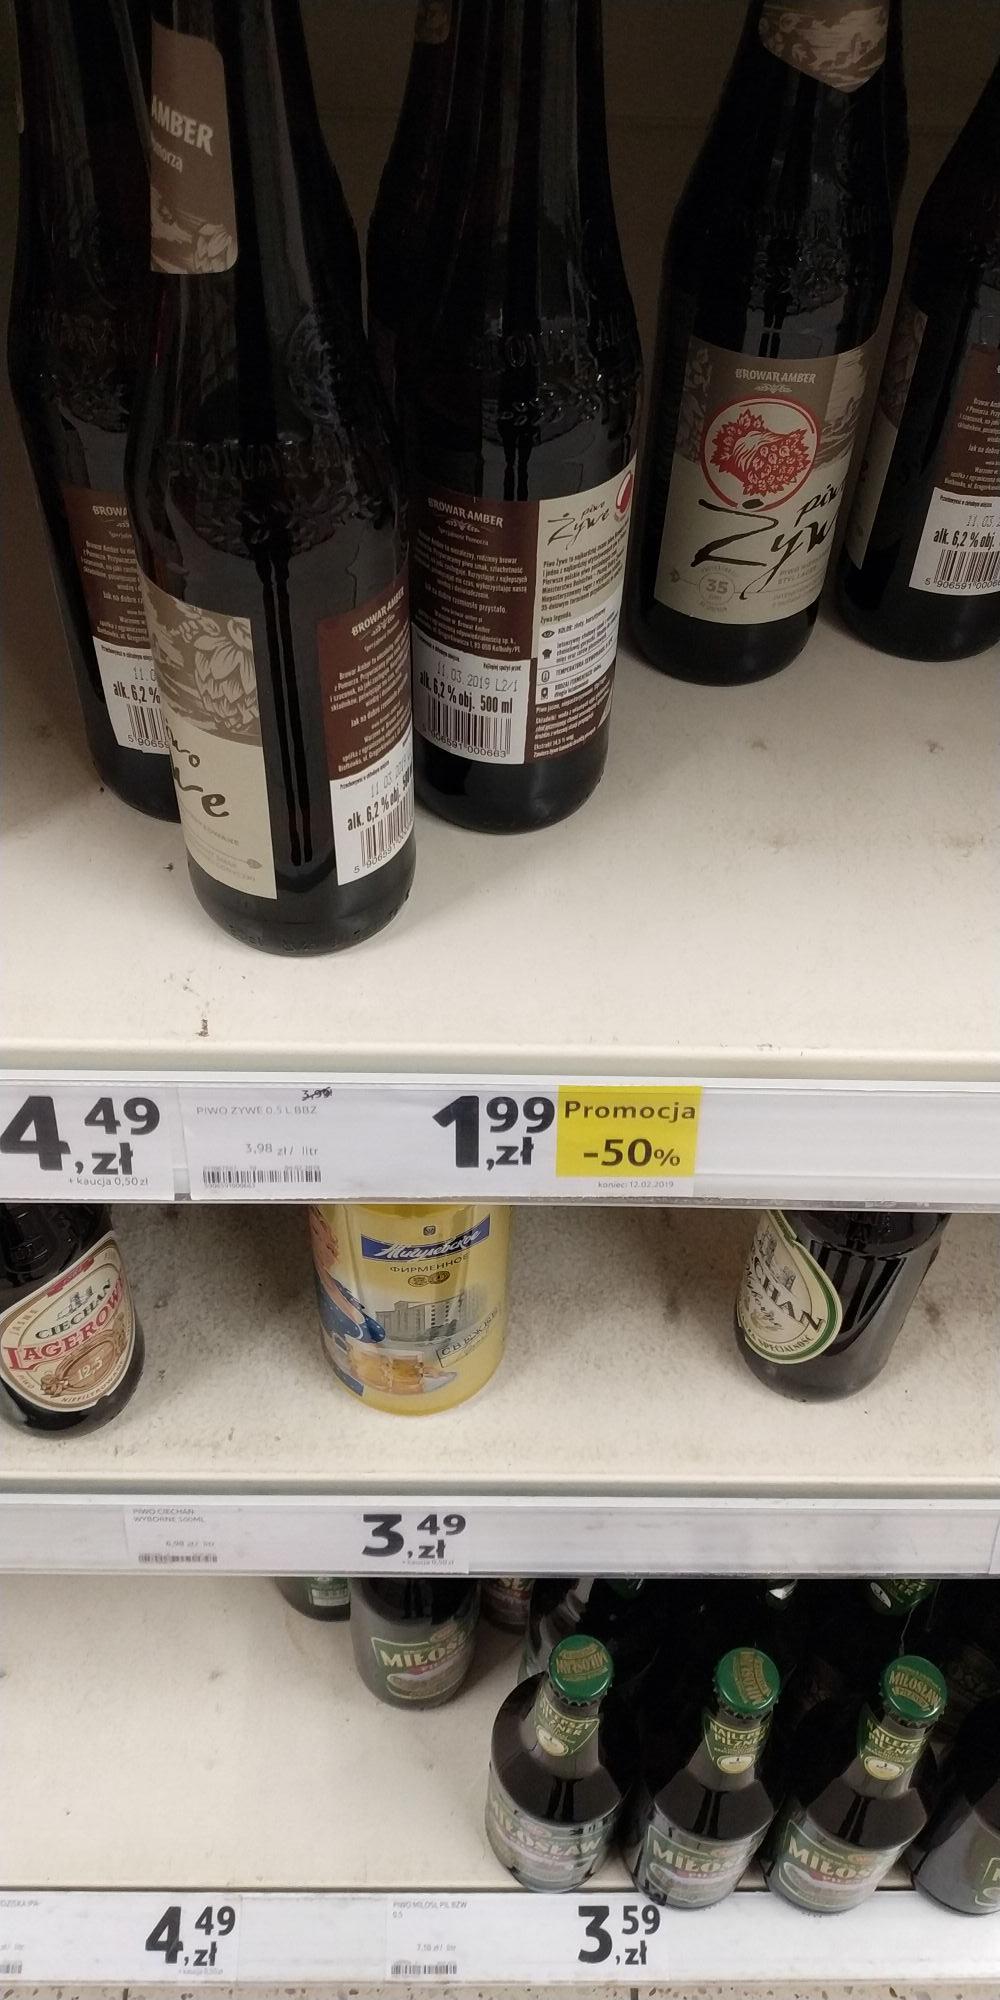 Piwo żywe browar Amber Tesco Kielce Świętokrzyska - Cała Polska